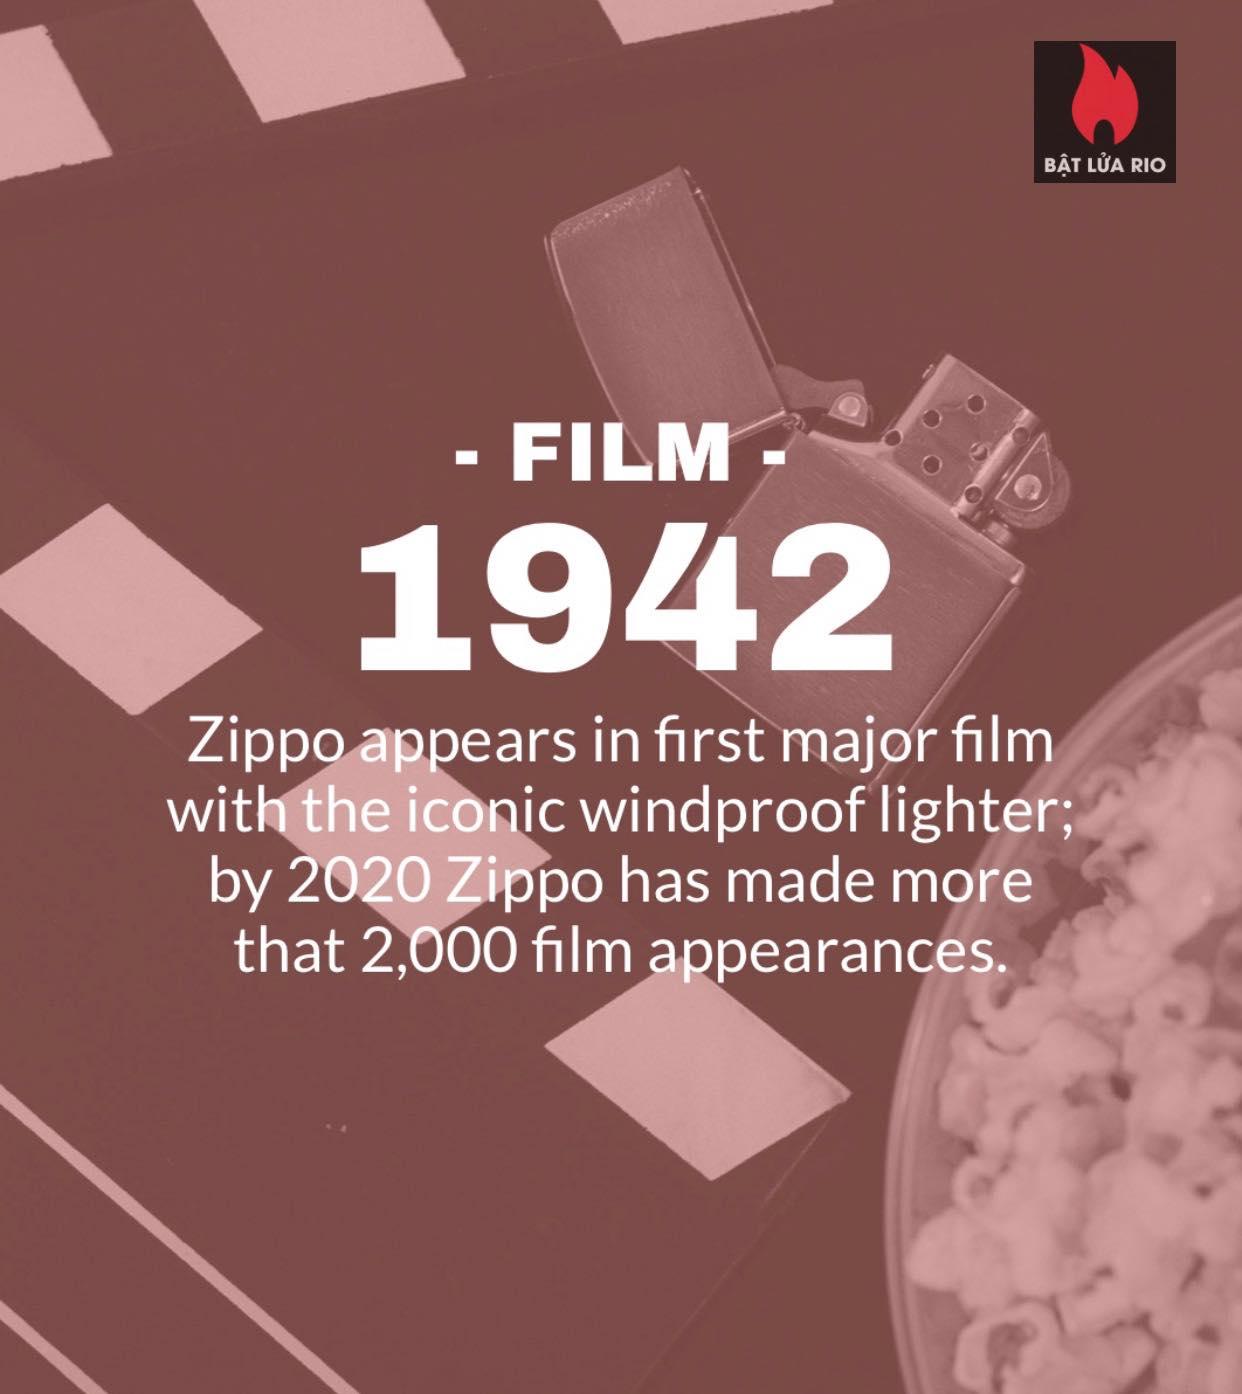 Chiếc bật lửa Zippo thứ 600 triệu trong lịch sử 11